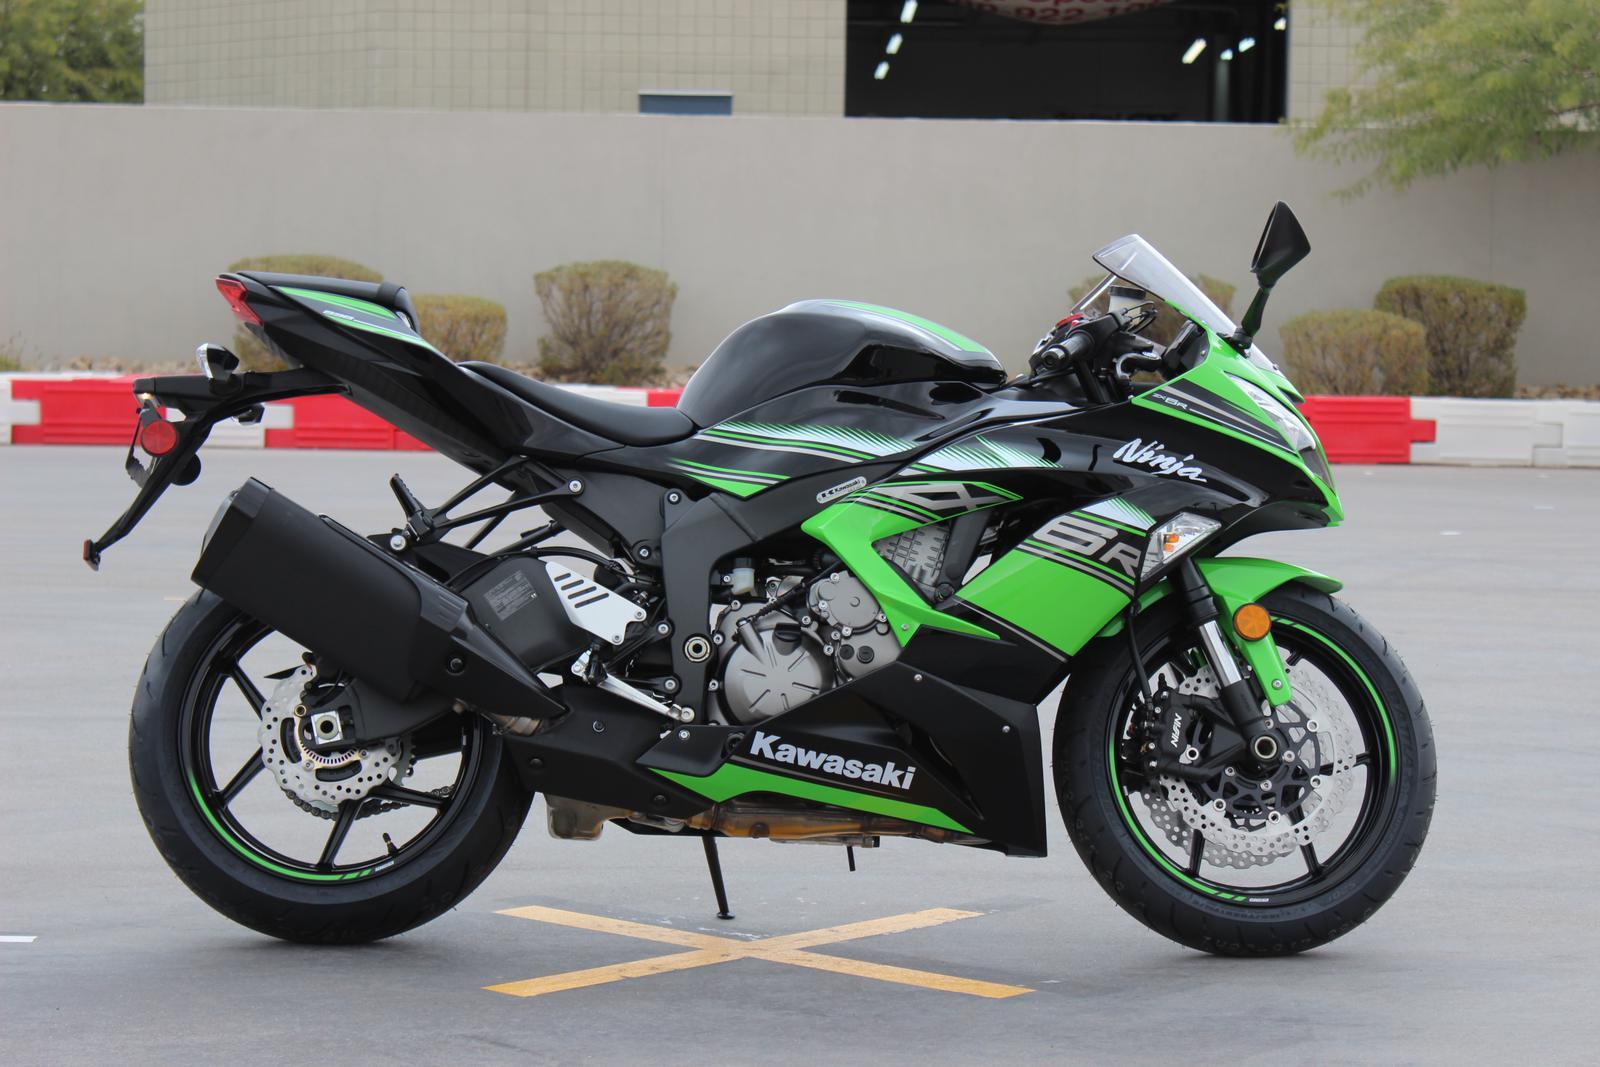 2017 Kawasaki Zx6r идеи изображения мотоцикла